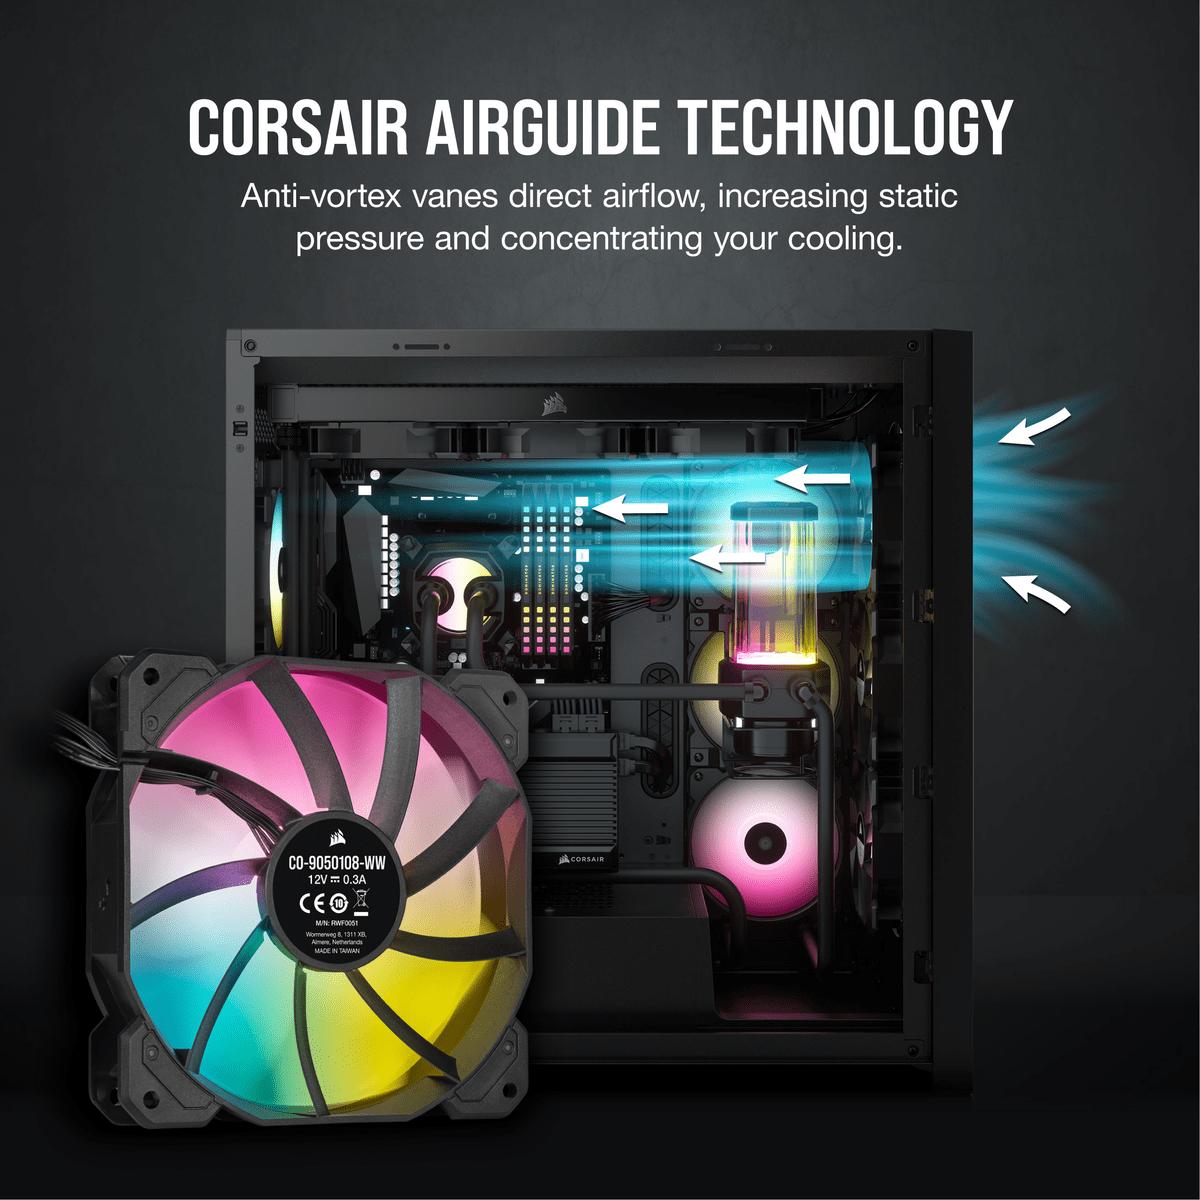 CORSAIR SP RGB ELITE Series: beauty and efficiency